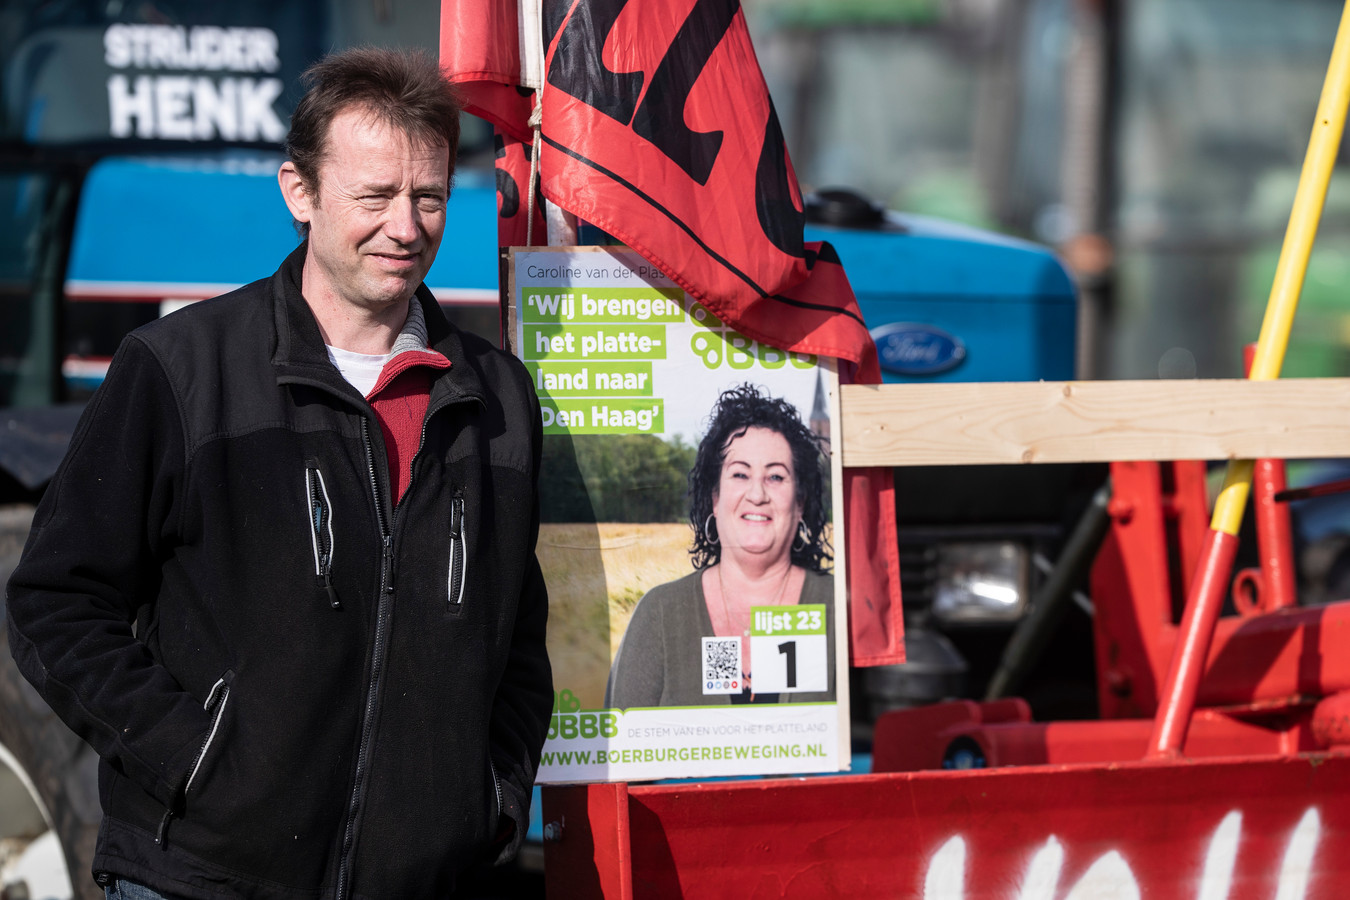 Boerenbijeenkomst op Zwarte Cross-terrein. Op de verkiezingsposter een foto van Caroline van der Plas.